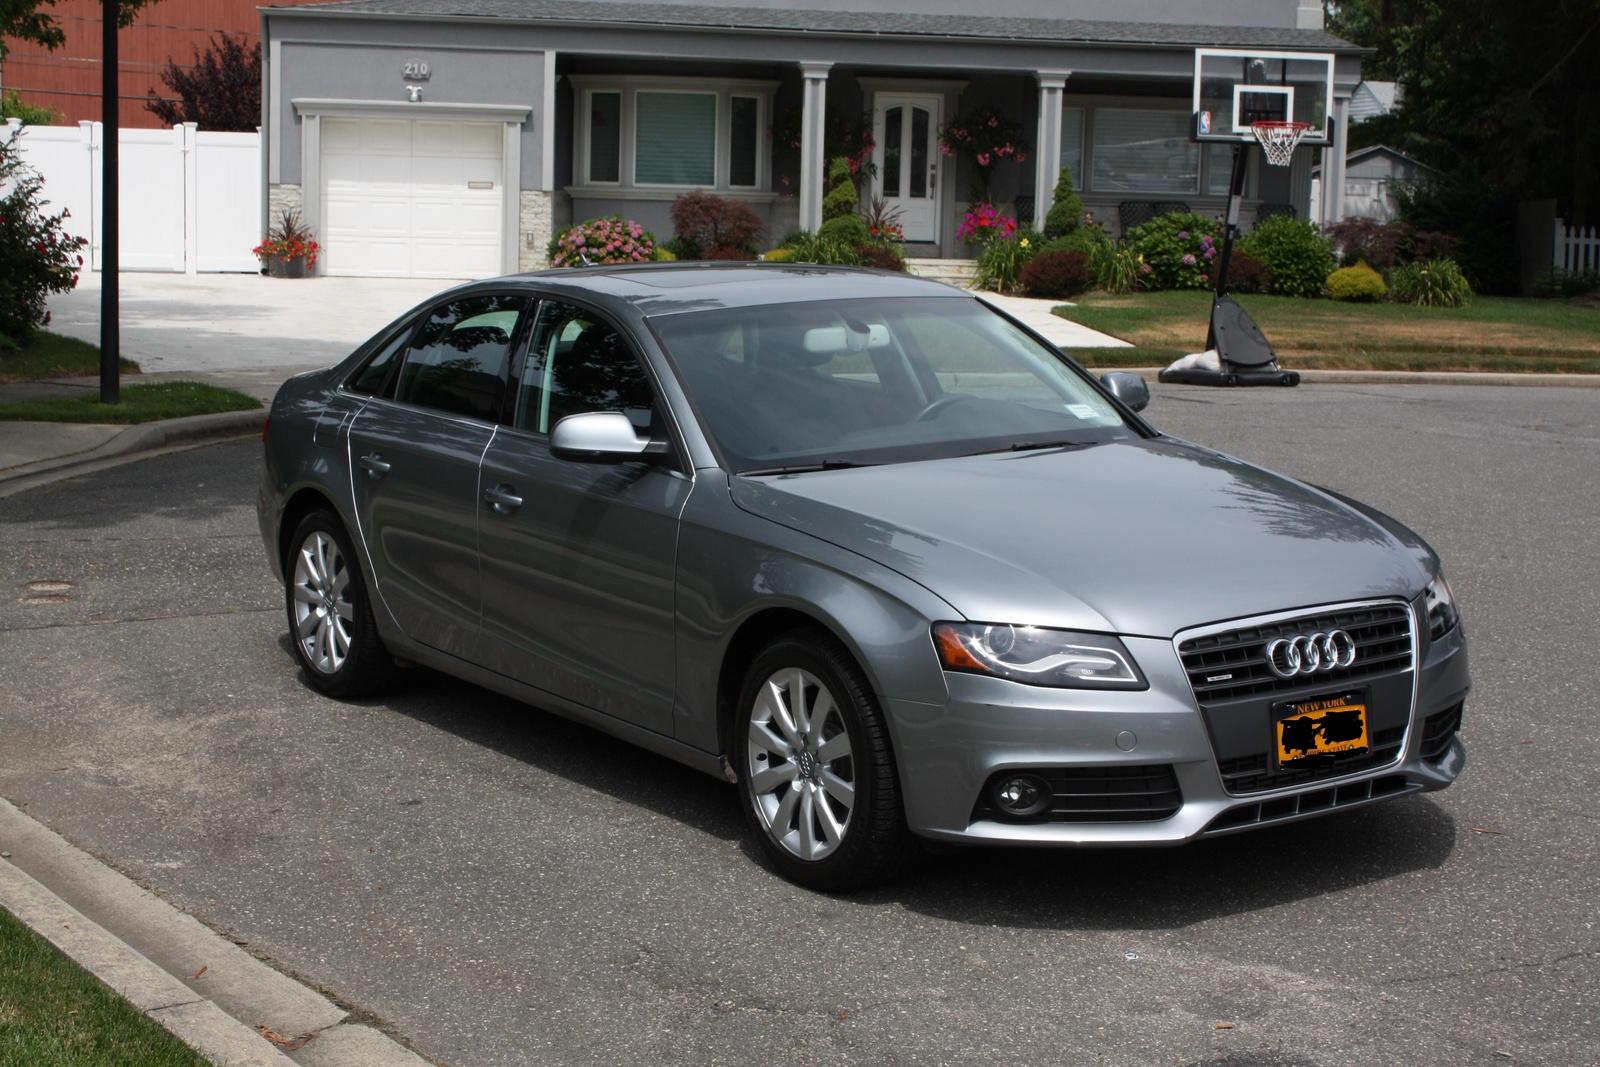 2011 Audi A4 - Pictures - CarGurus